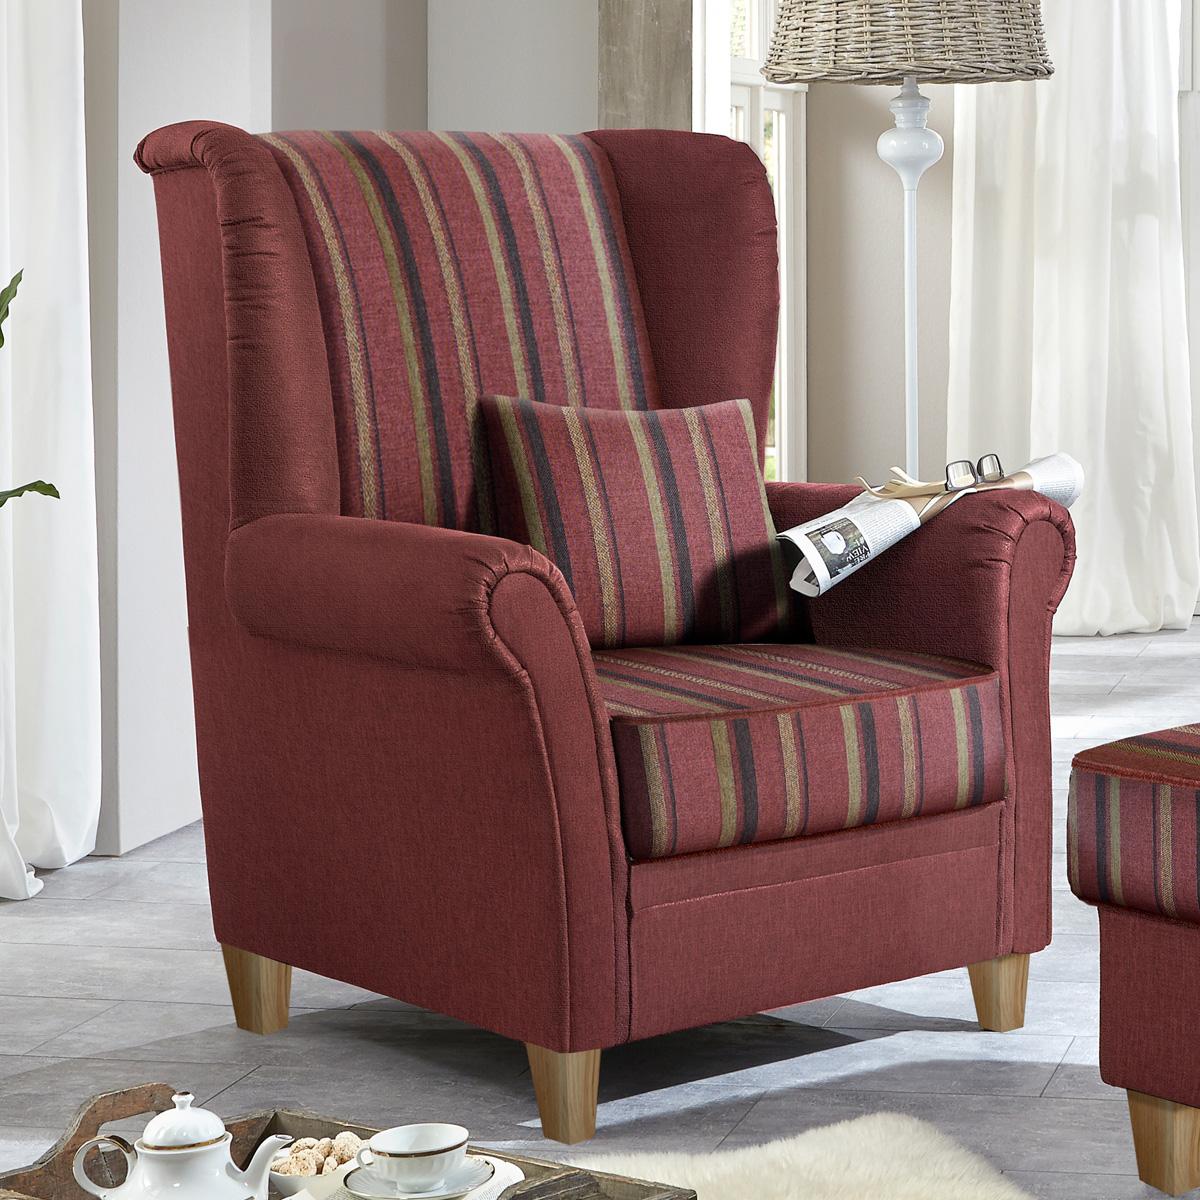 sessel f hr einzelsessel ohrensessel beige bordeaux anthrazit landhaus stil 92 ebay. Black Bedroom Furniture Sets. Home Design Ideas